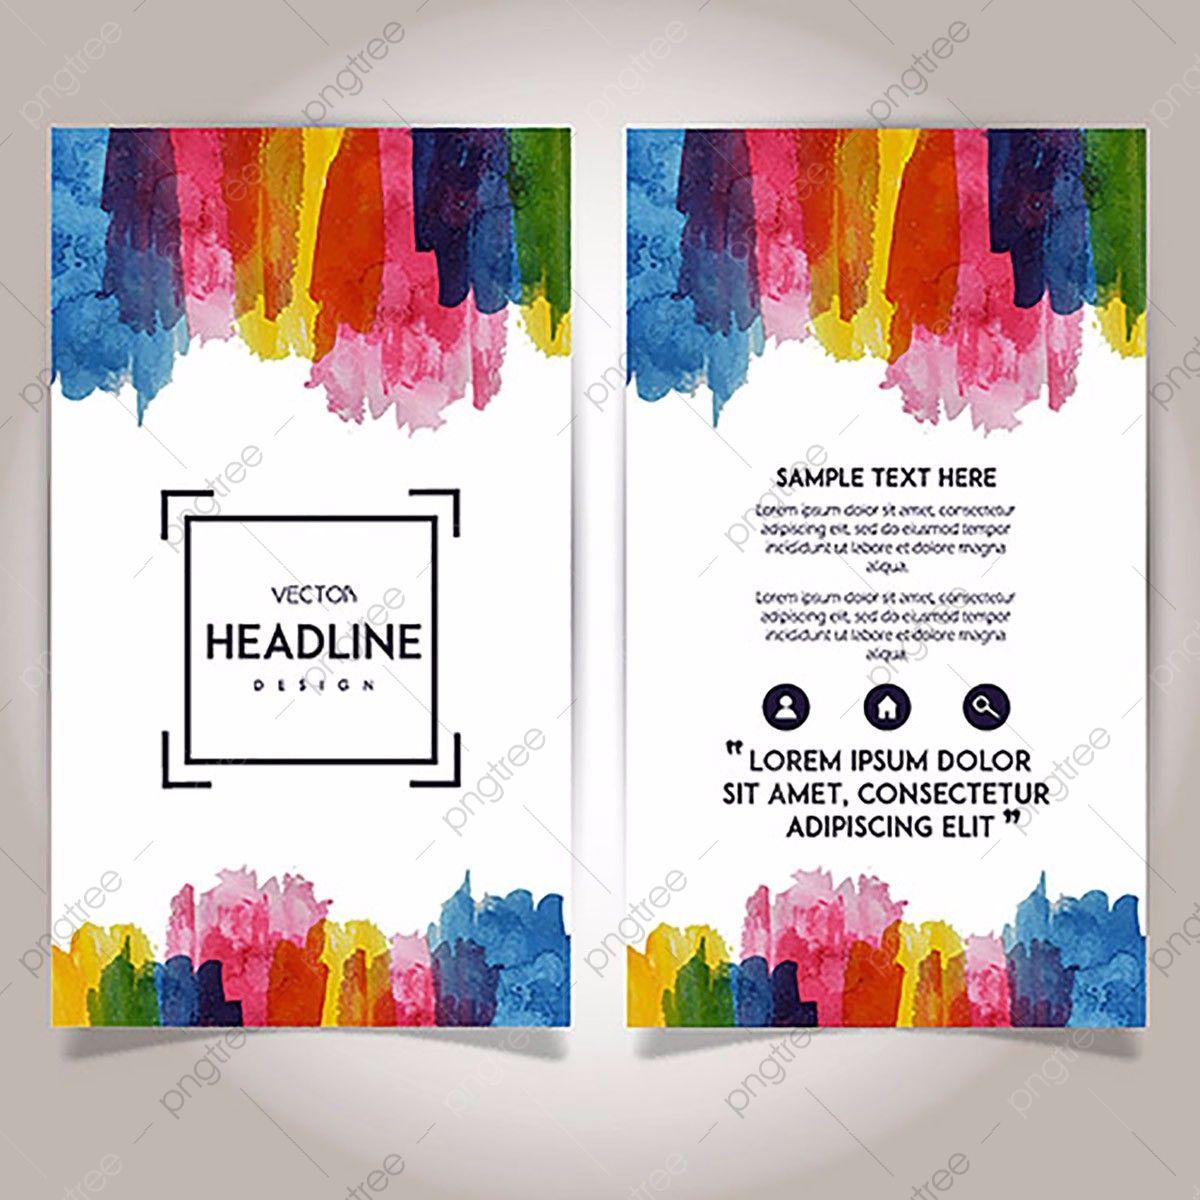 من ناحية رسم كتيب تصميم قالب ألوان مائية Brochure Design Template Template Design Design Template